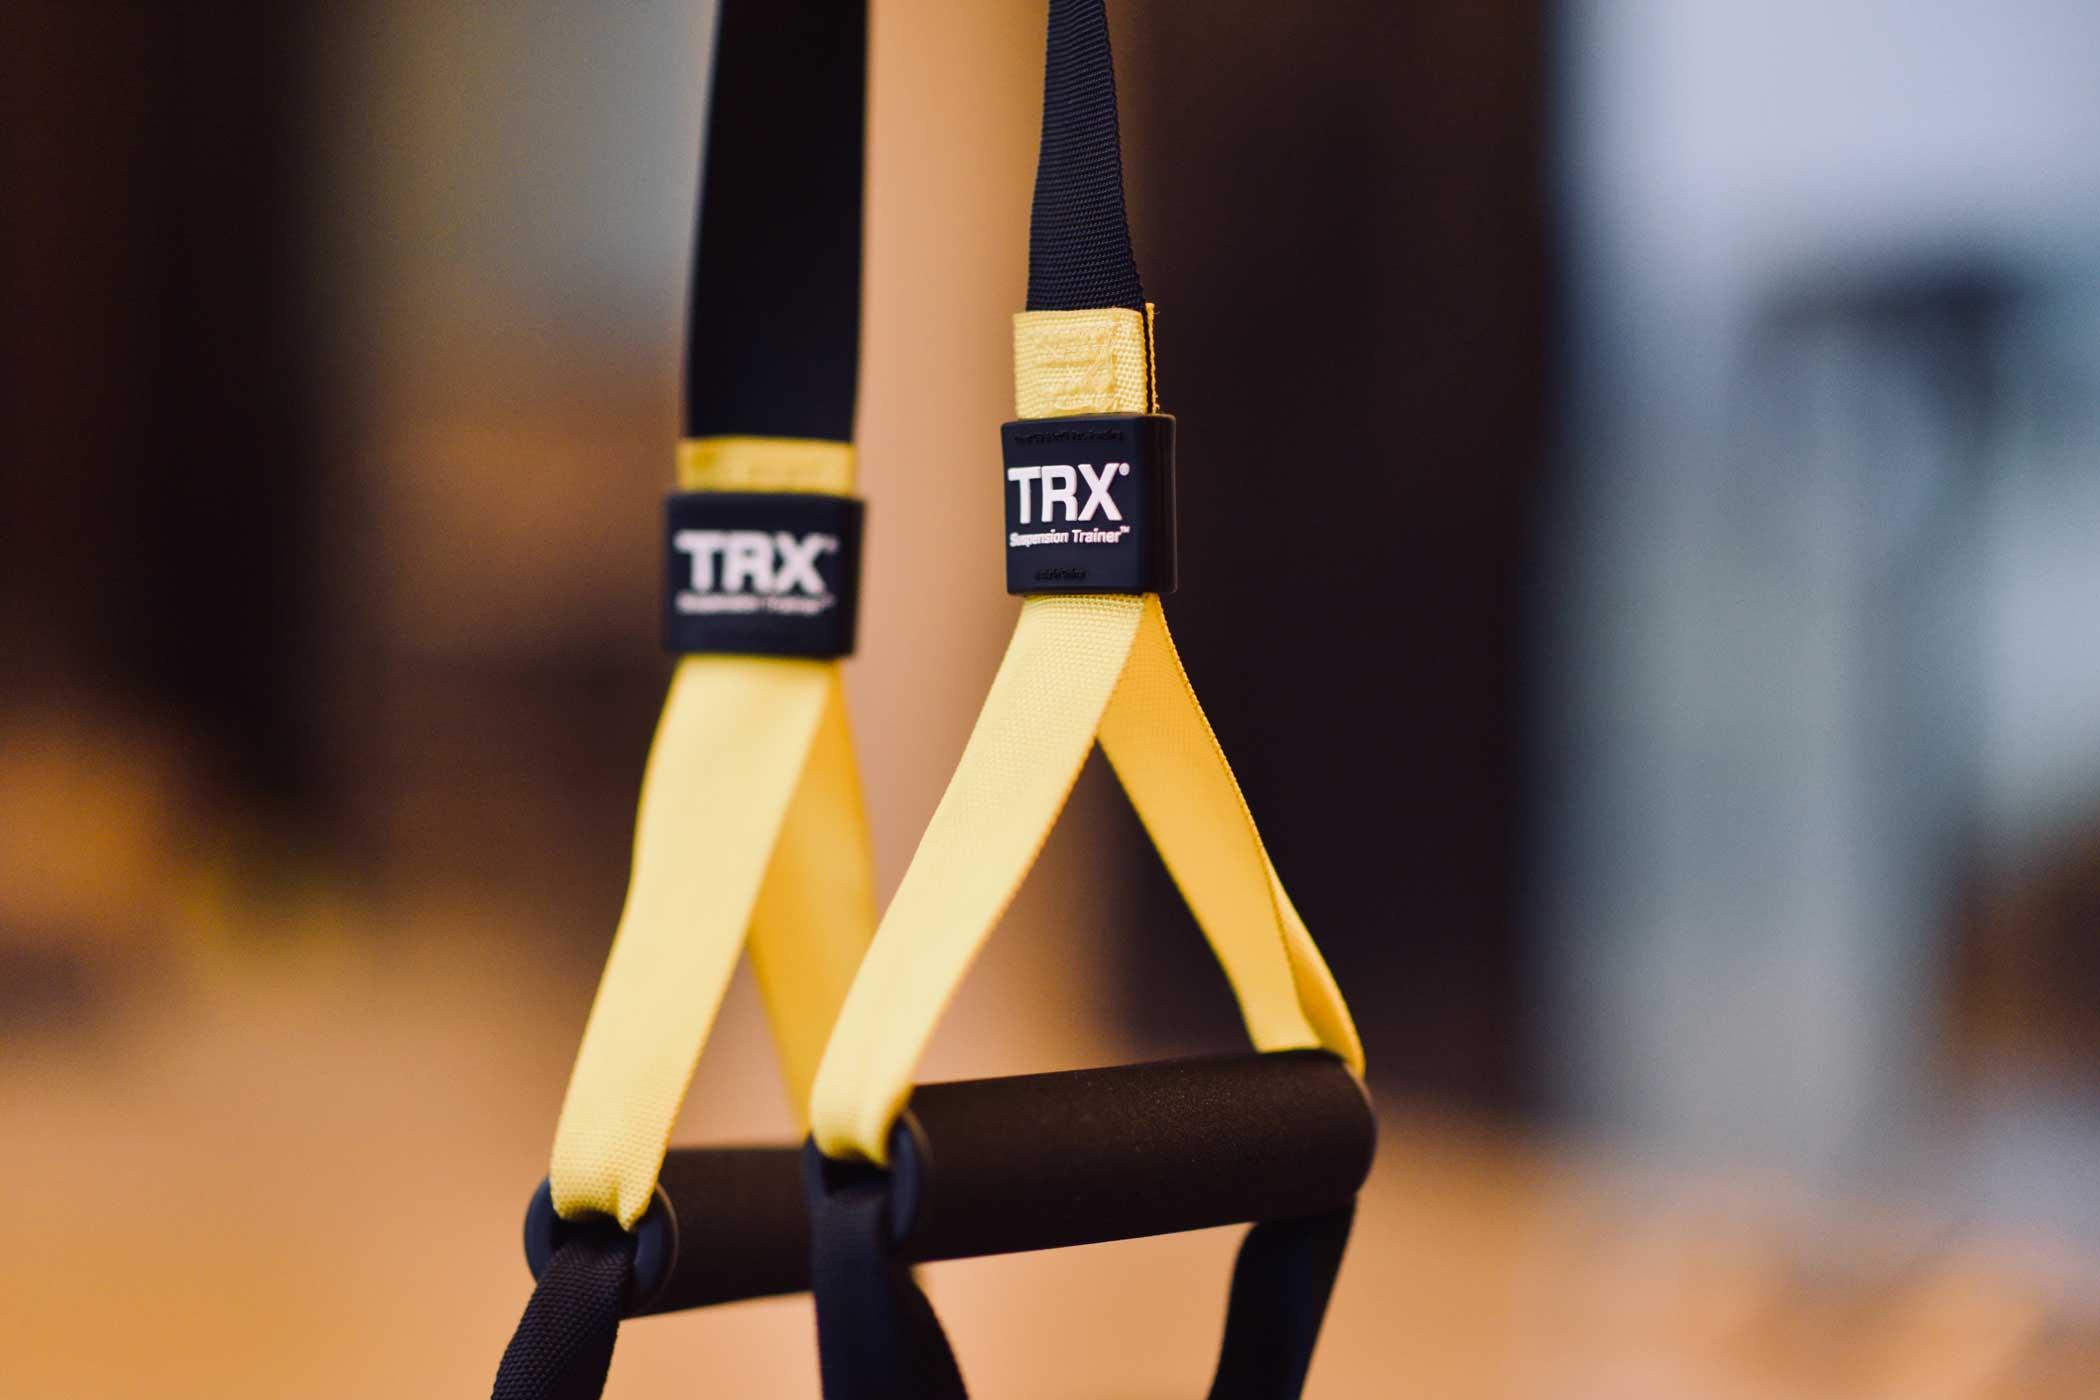 Le TRX un entrainement au poids de corps